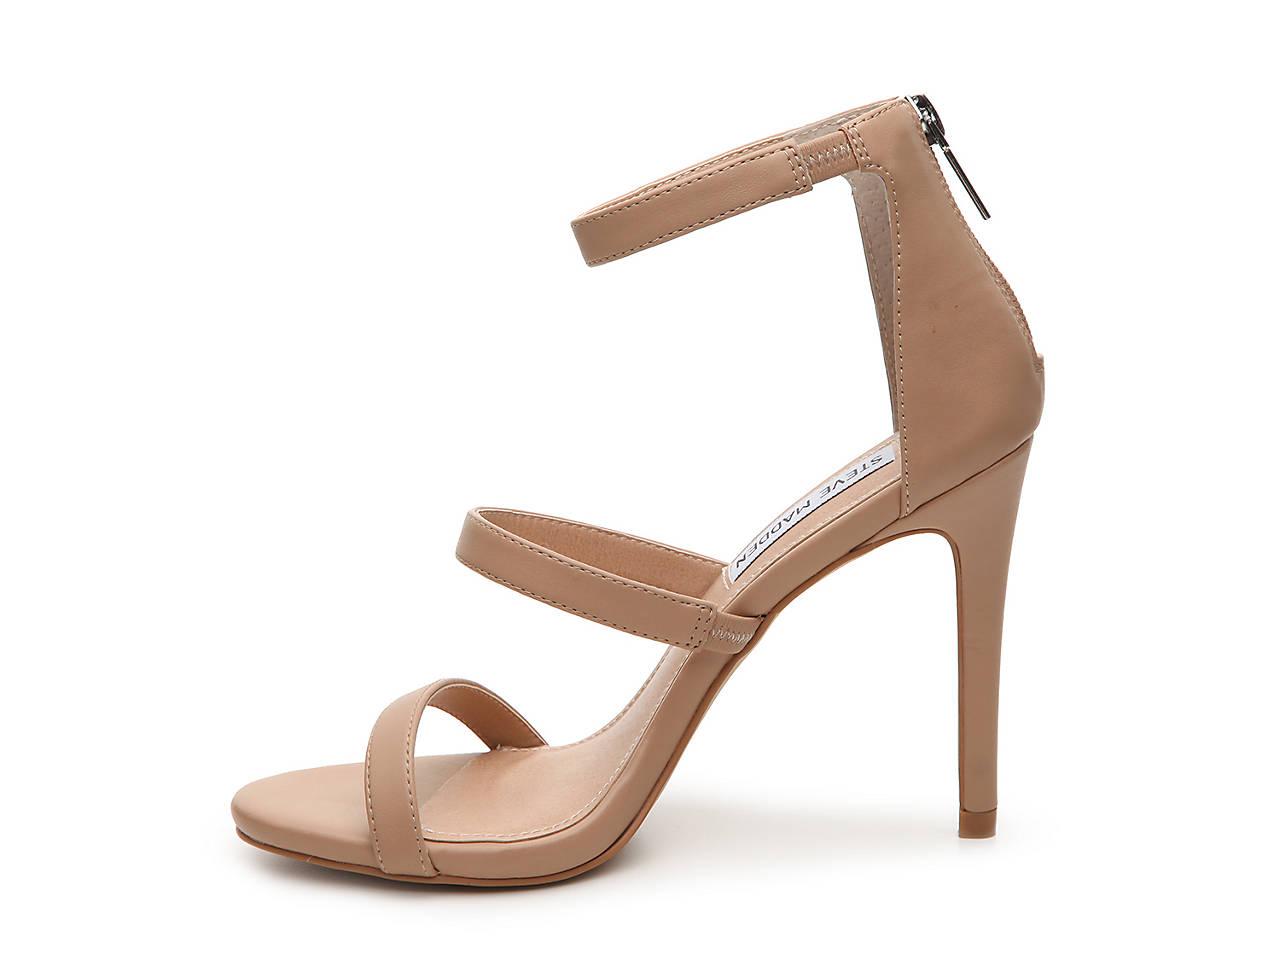 637362ab253 Steve Madden Feelya Sandal Women s Shoes